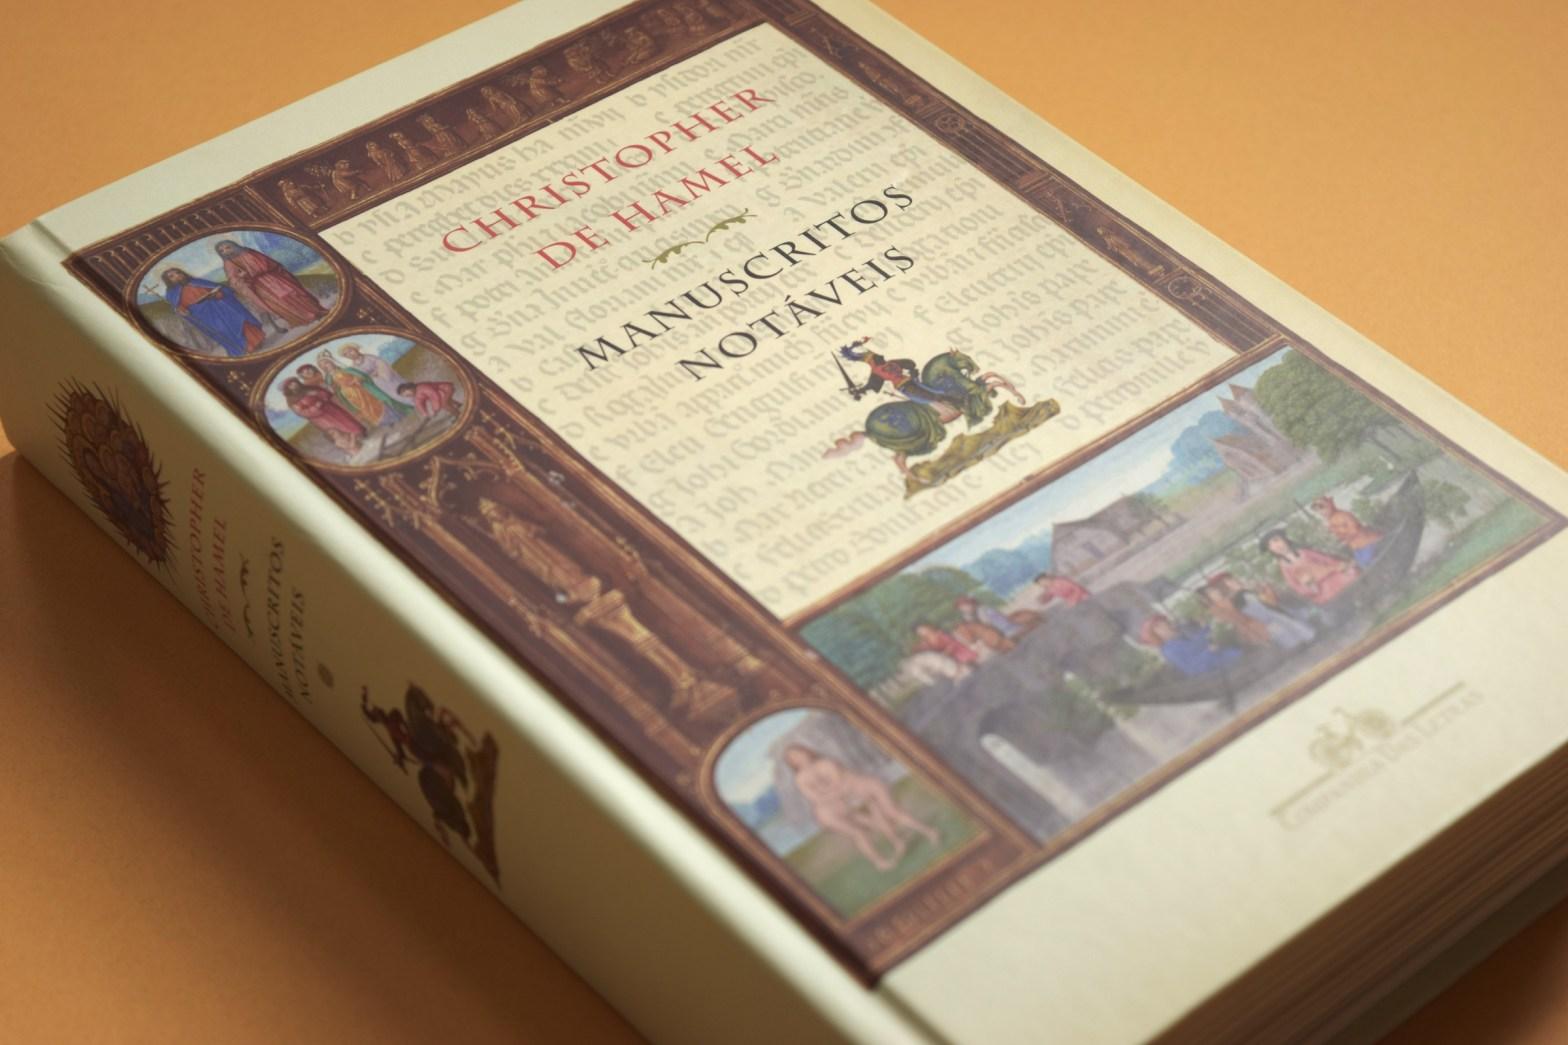 Livro Manuscritos Notáveis de Christopher de Hamel mostrando a capa e lombada